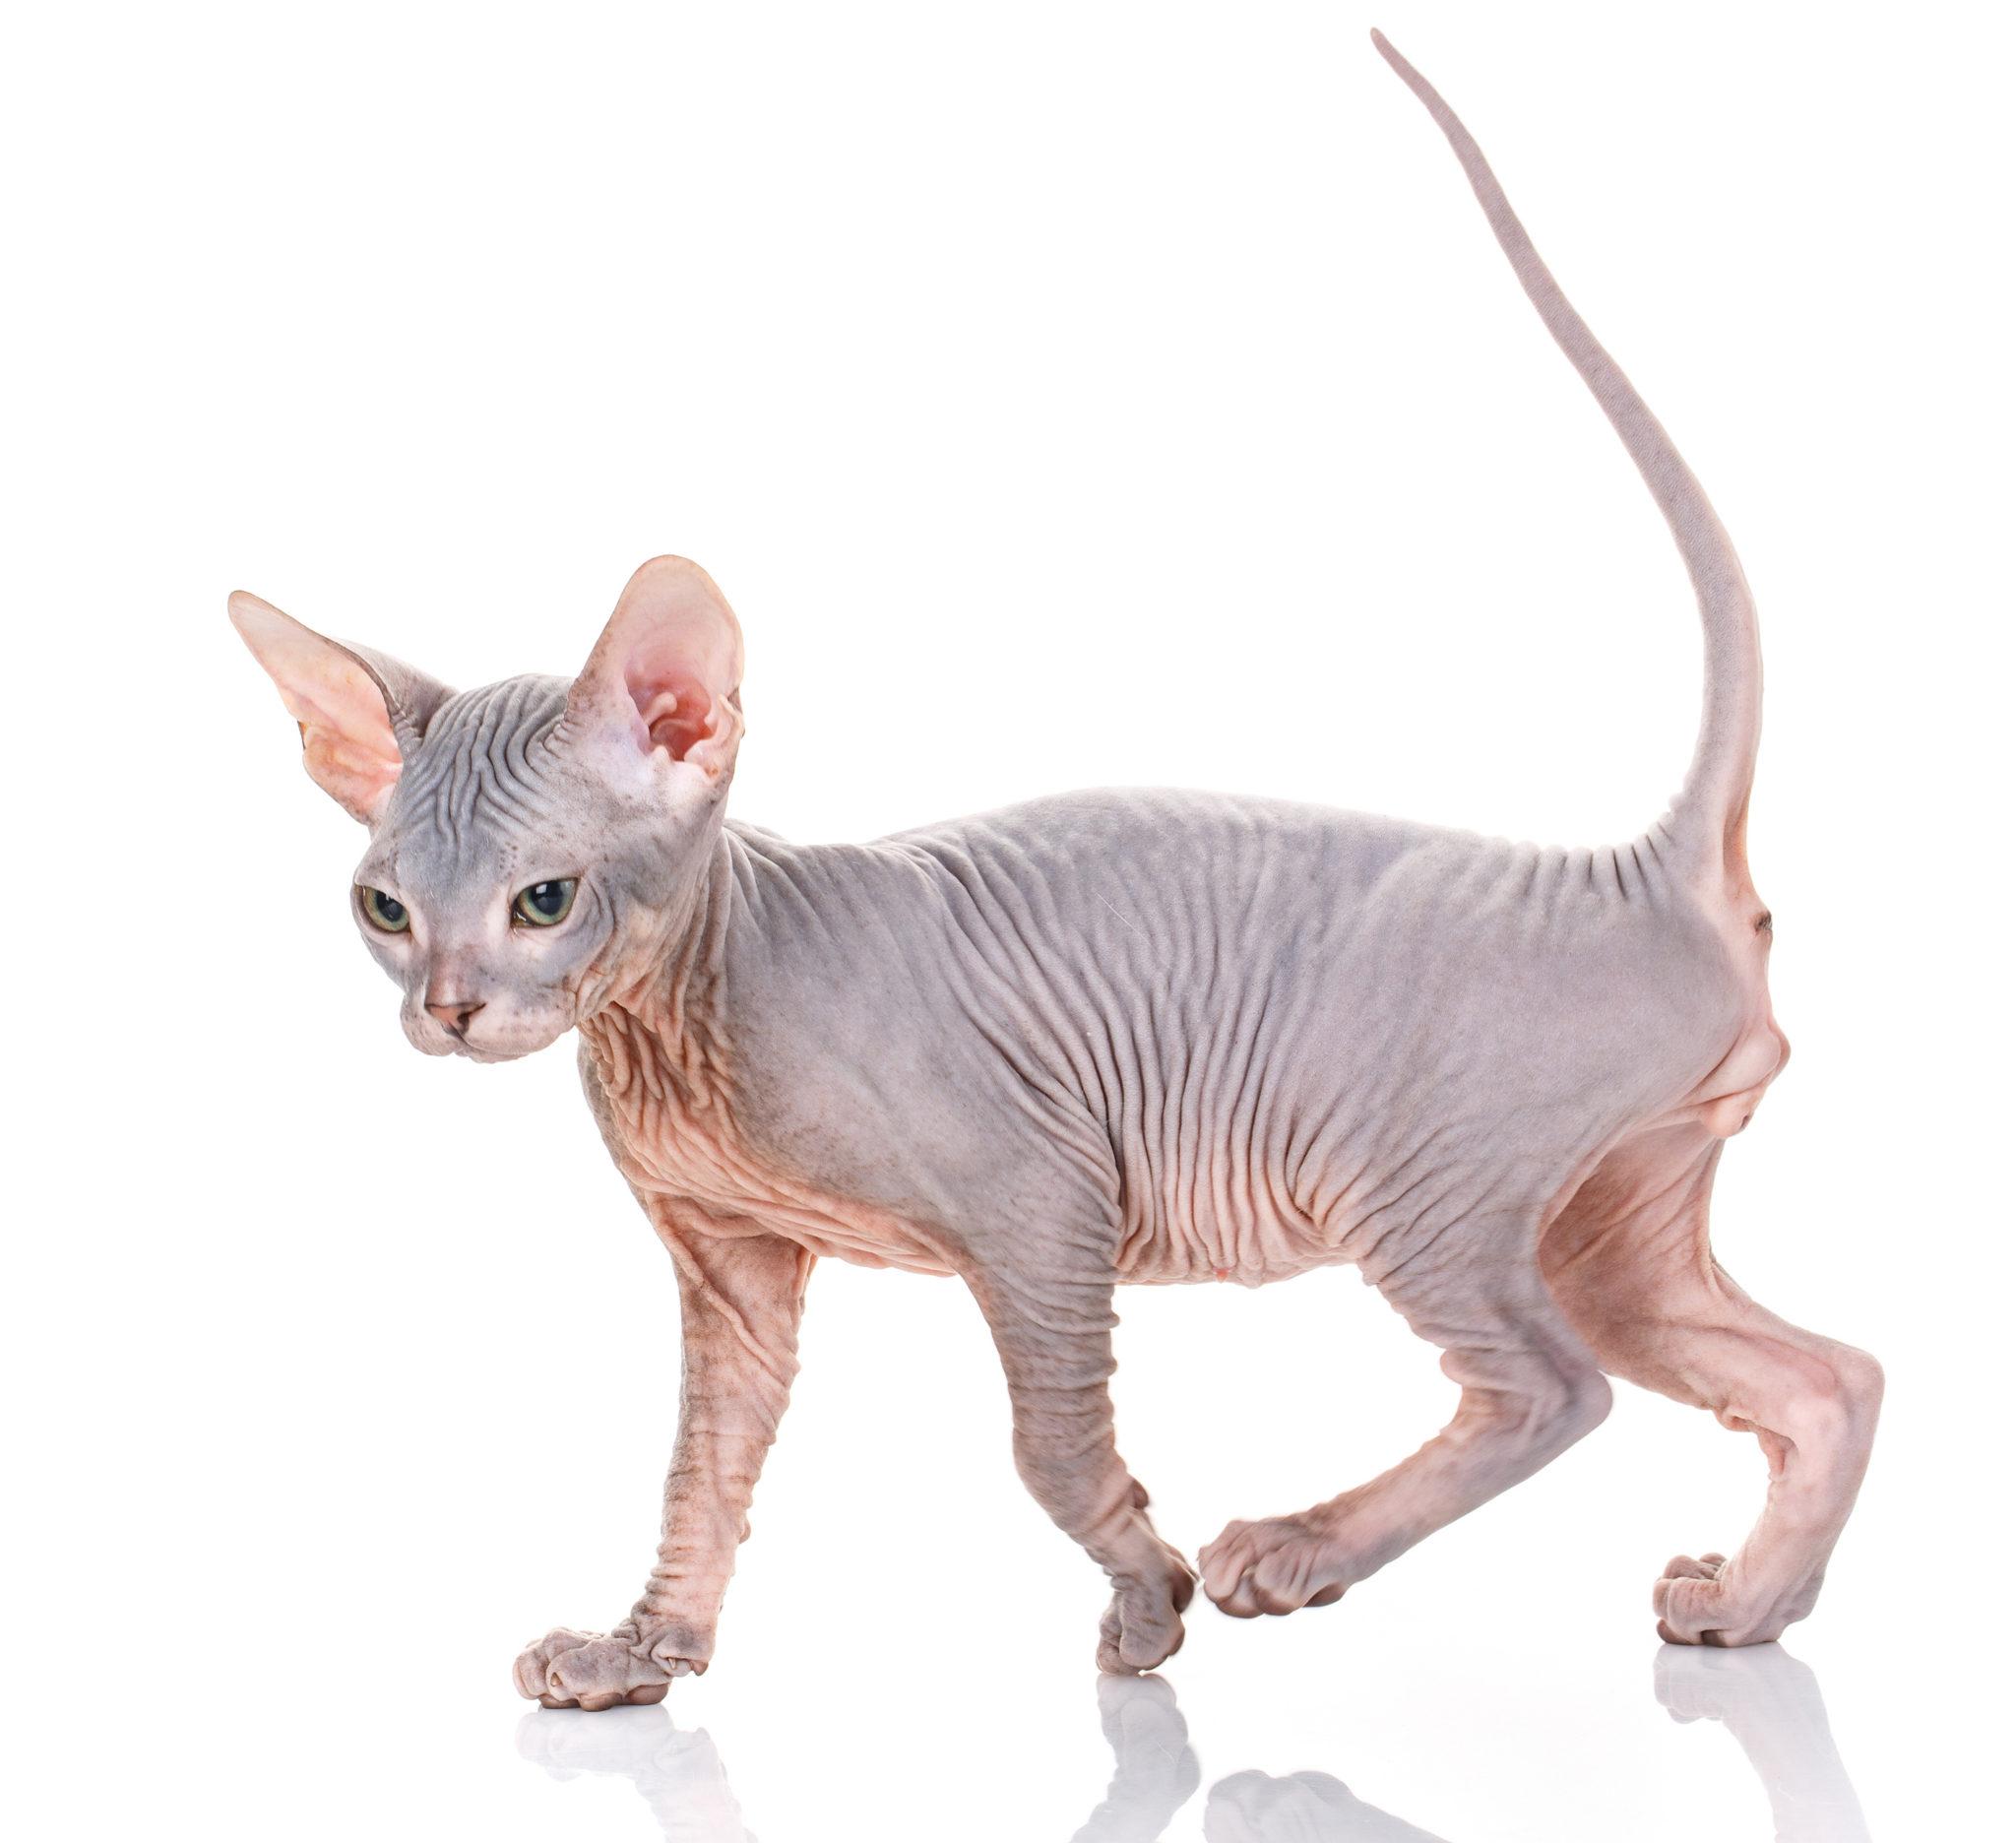 Sphynx Katze Baby - Eine sphynx katze oder ein sphynx